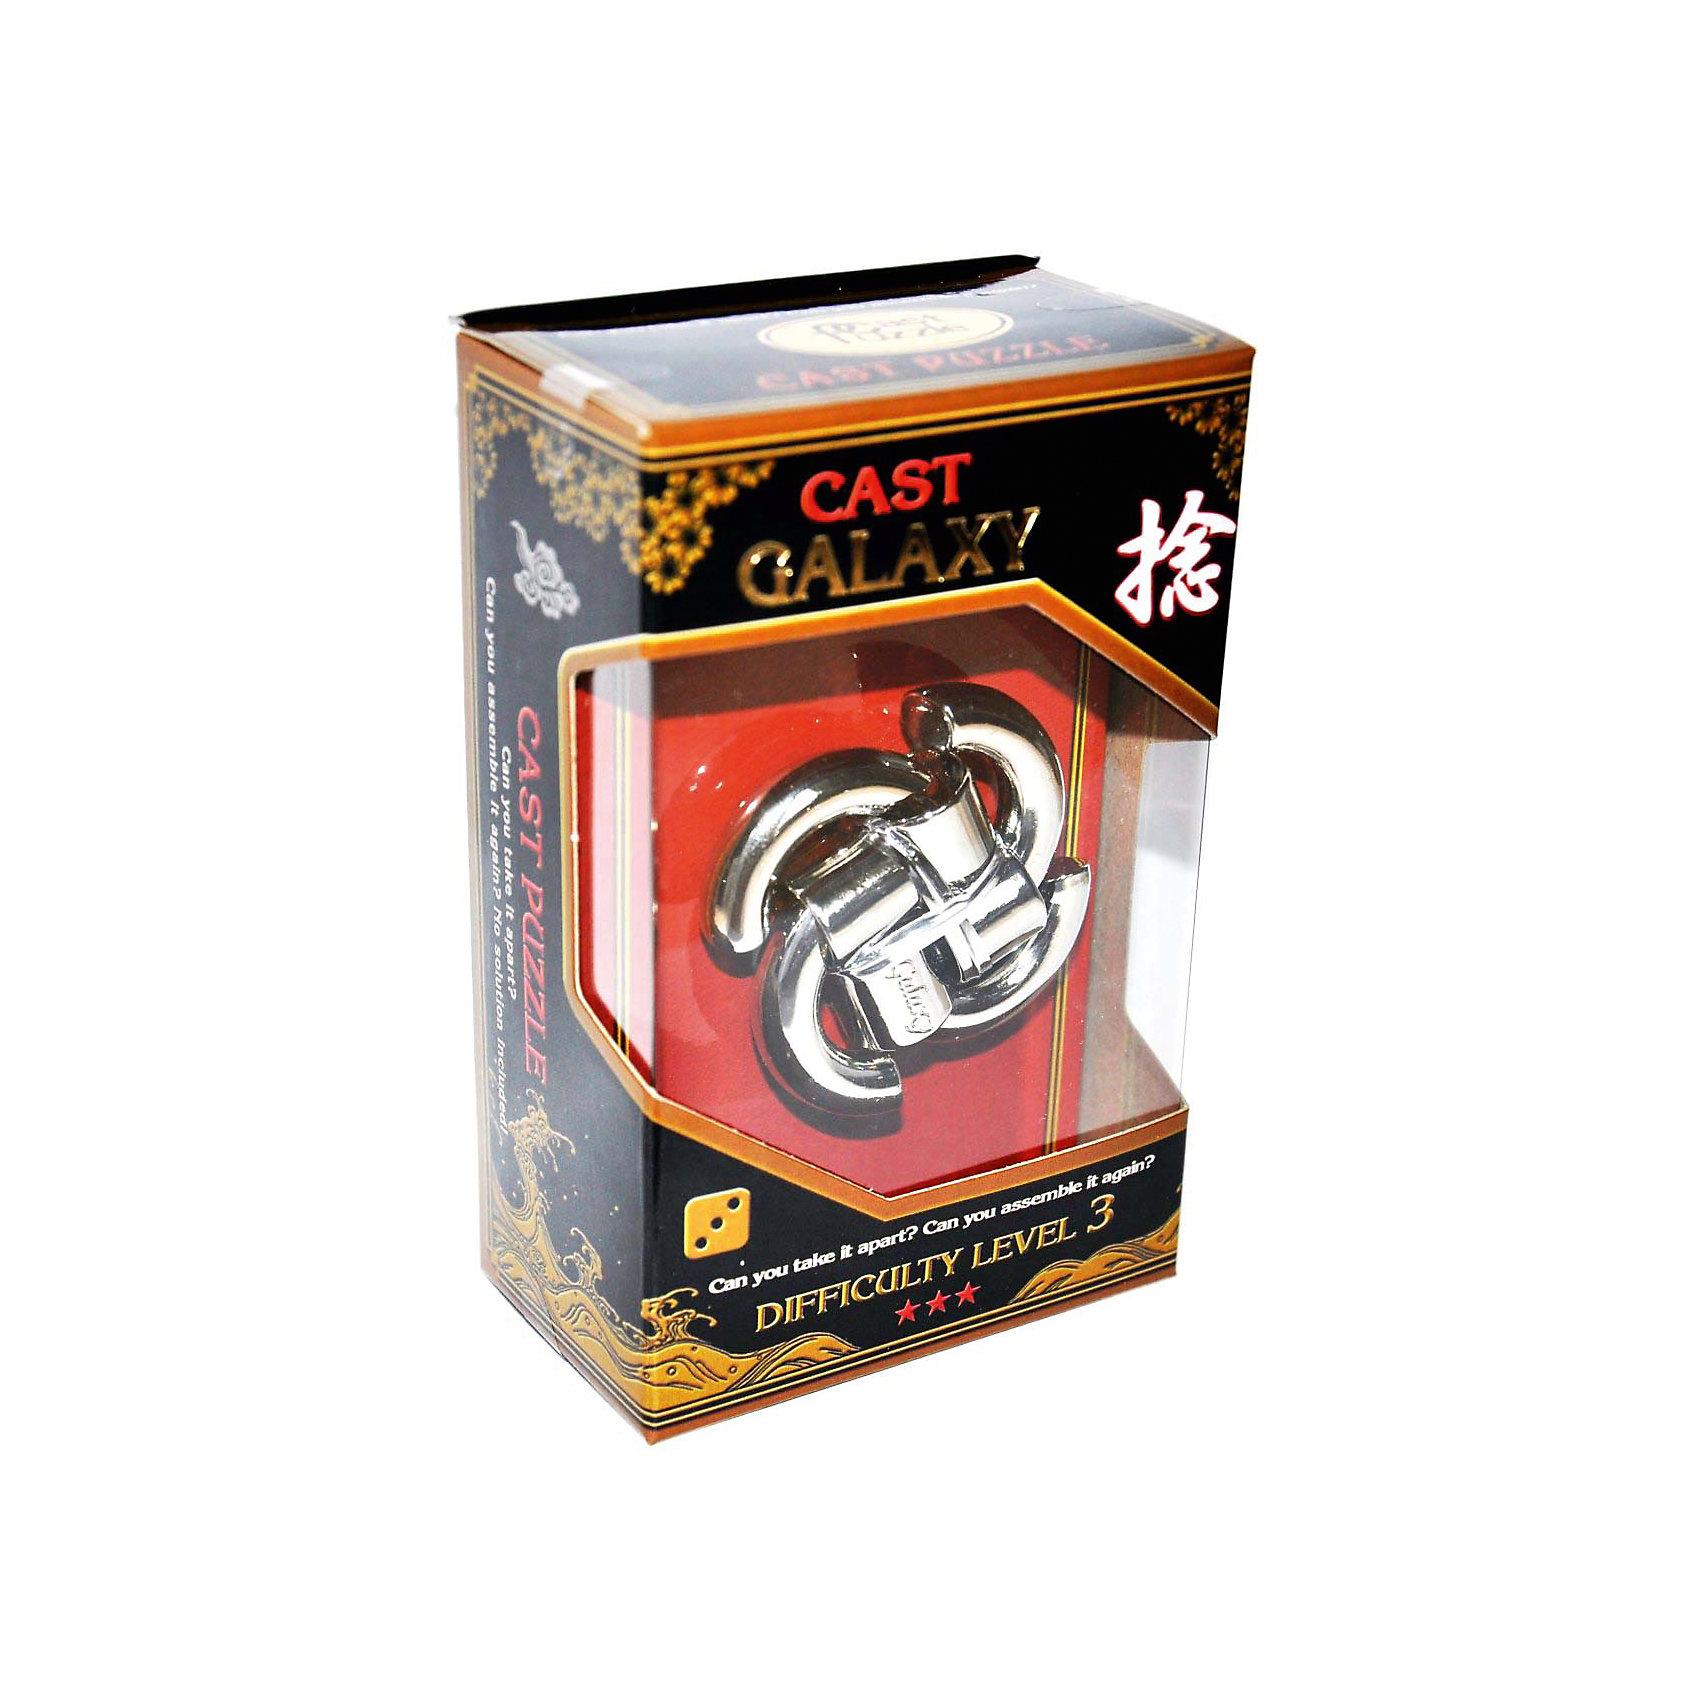 Головоломка Галактика, Hanayama Cast PuzzleЖелезные головоломки<br>Характеристики:<br><br>• возраст: от 8 лет;<br>• уровень сложности: 3;<br>• материал: металл;<br>• размер головоломки: 6х6х1 см;<br>• размер упаковки: 11,5х7,5х4,5 см;<br>• вес: 110 г;<br>• тип упаковки: коробка с окошком.<br><br>Головоломка похожа на циркулирующую Галактику, поэтому она получила такое название. Четыре отдельные части соединяются друг с другом. Чтобы решить головоломку, необходимо разделить ее на части и снова собрать. Задача имеет много возможностей решения и неожиданные препятствия.<br><br>Головоломка - это прекрасный инструмент для ума, вырабатывающий неординарное видение. Увлекательное занятие для детей и взрослых разнообразит досуг. Развивающие занятия стимулируют логику, пространственное мышление и тренируют мелкую моторику.<br><br>Головоломку «Галактика», Hanayama Cast Puzzle можно приобрести в нашем интернет-магазине.<br><br>Ширина мм: 45<br>Глубина мм: 75<br>Высота мм: 120<br>Вес г: 110<br>Возраст от месяцев: 36<br>Возраст до месяцев: 2147483647<br>Пол: Унисекс<br>Возраст: Детский<br>SKU: 7025979